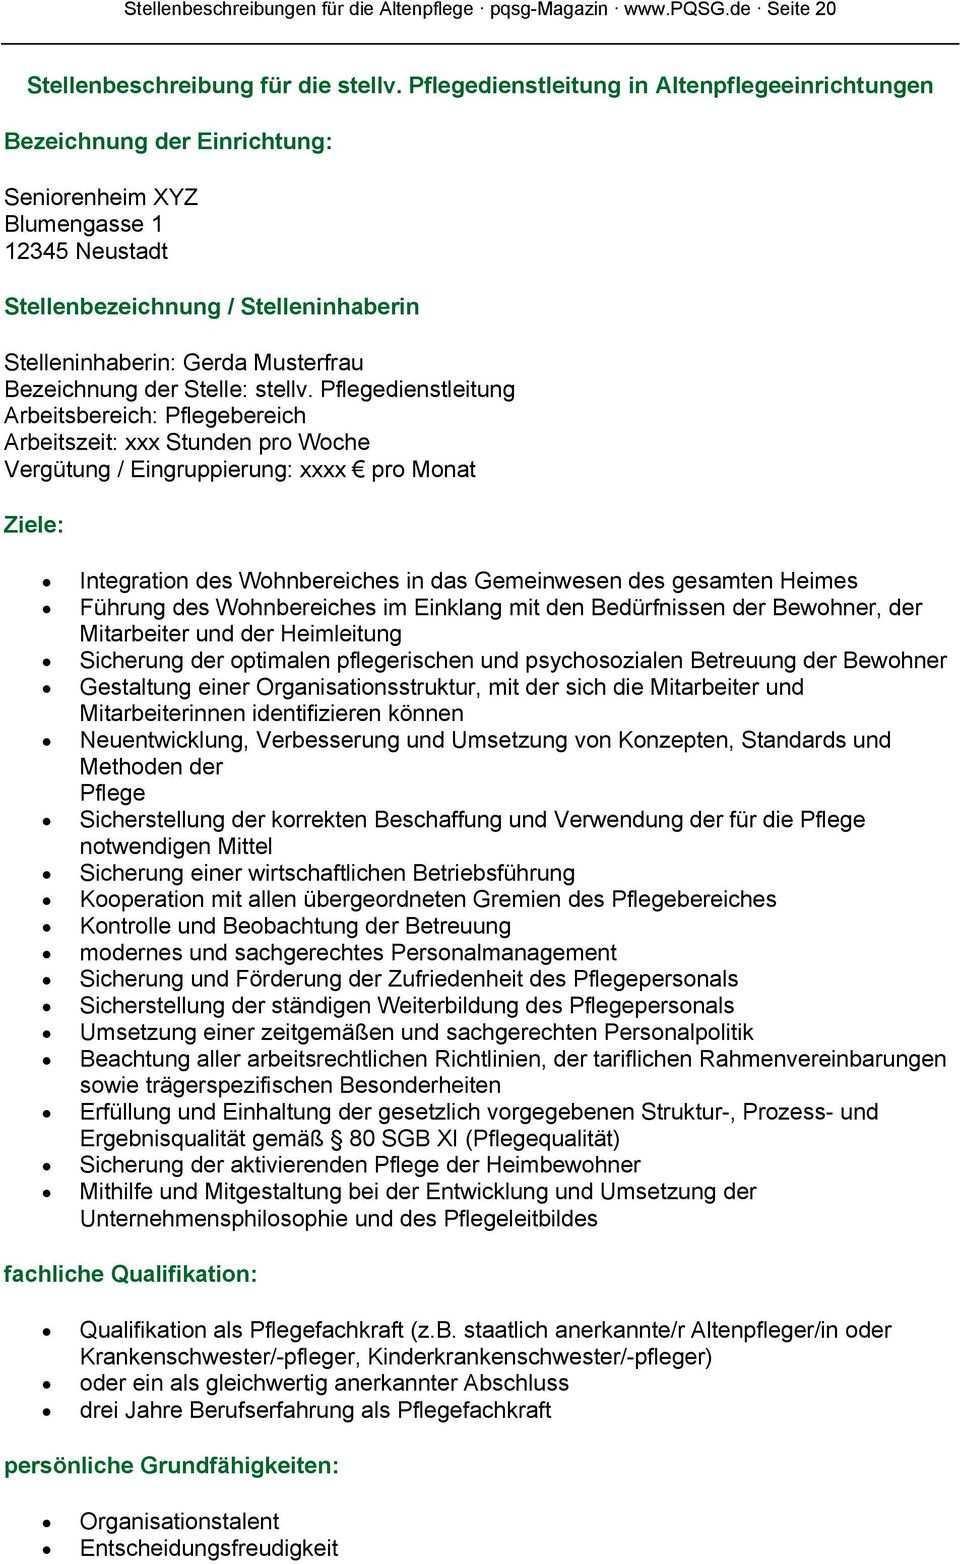 Stellenbeschreibungen Far Die Altenpflege Pdf Free Download